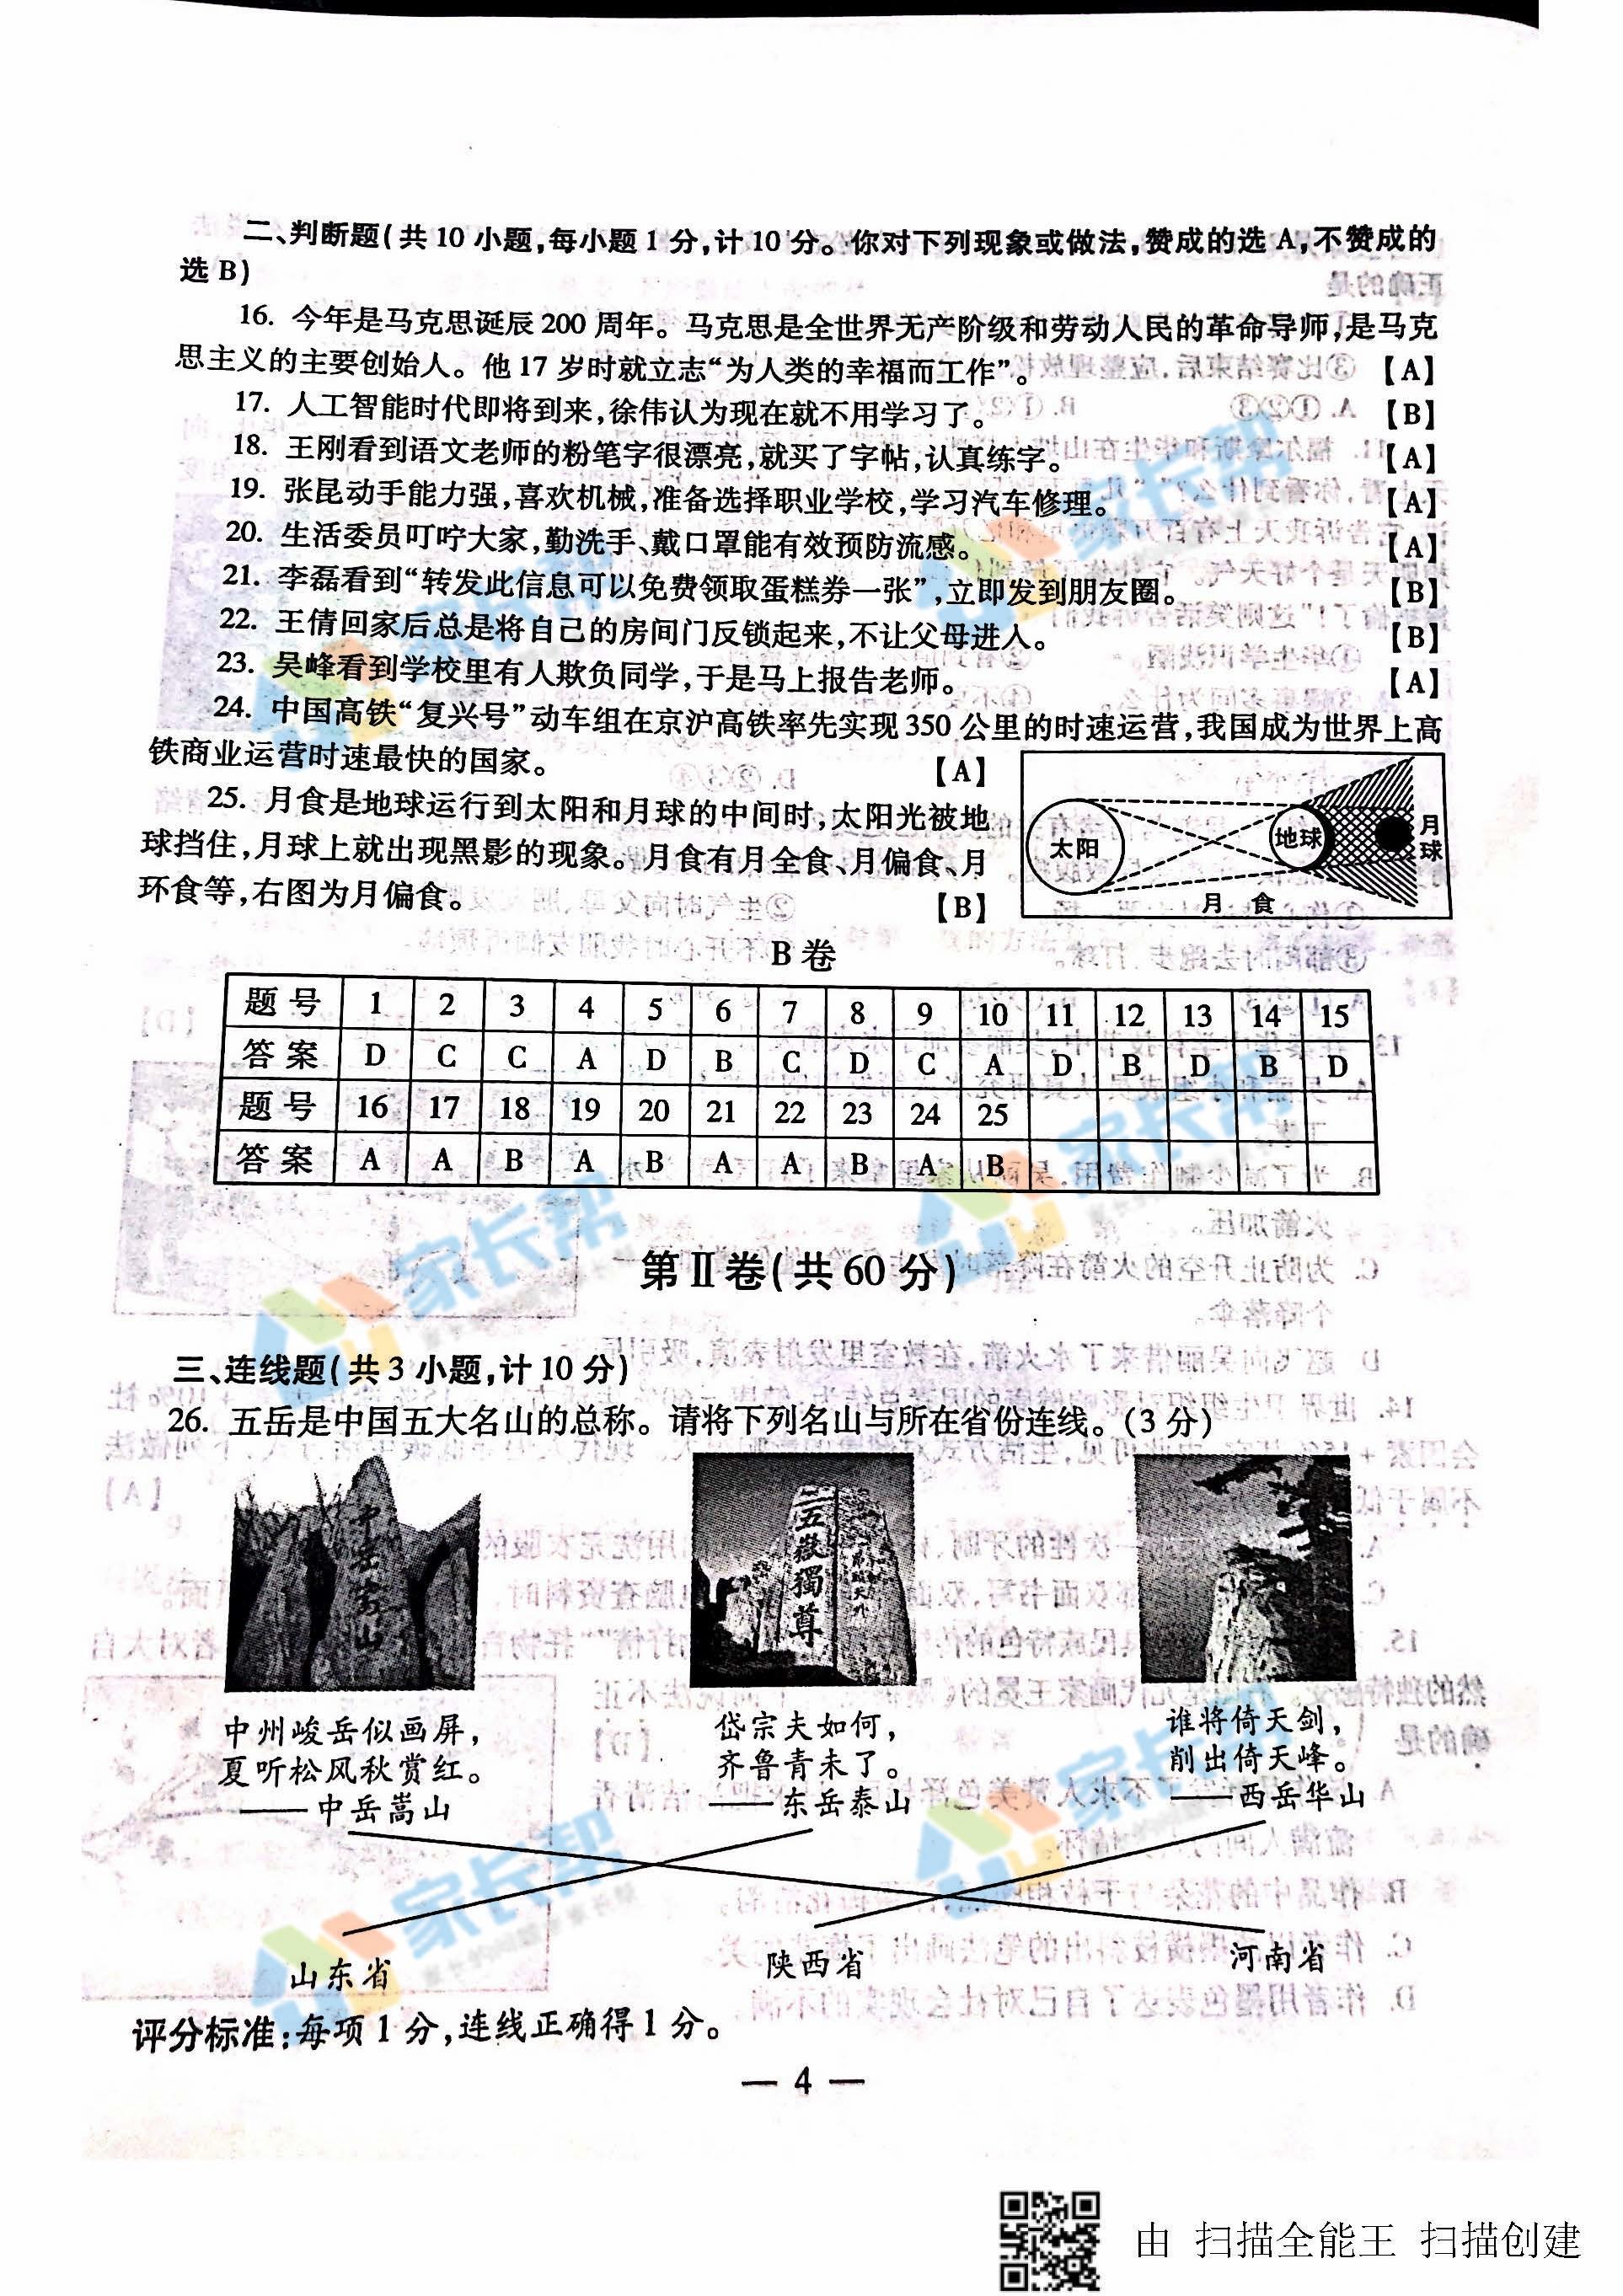 新文档 2018-06-28 18.48.51_20180628185014351_页面_4.jpg